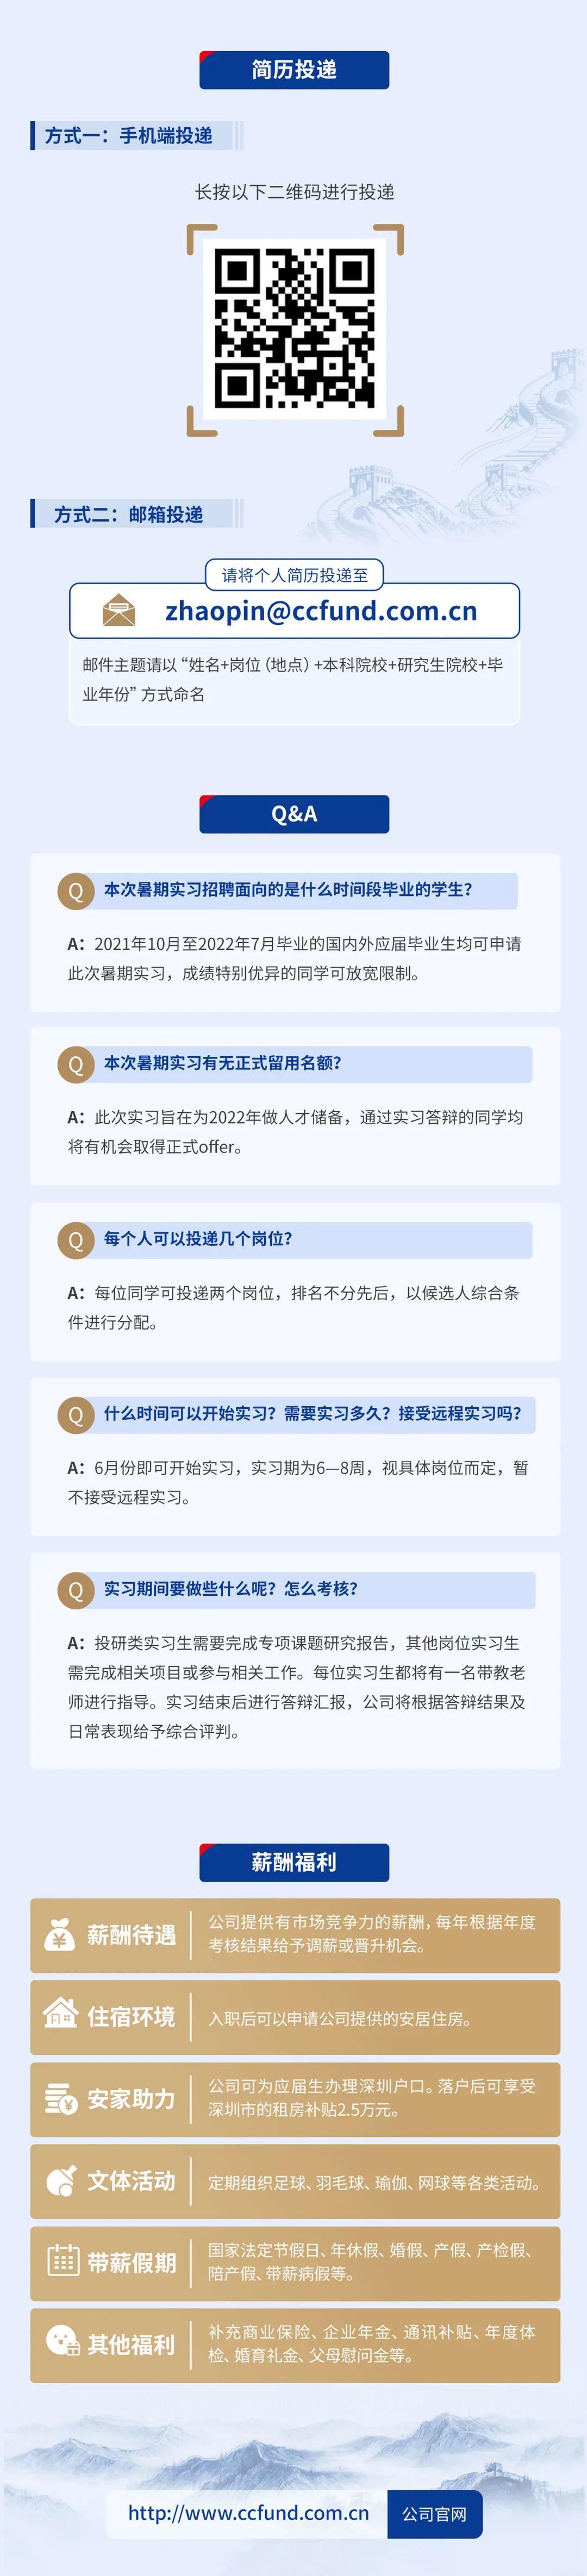 长城基金2022届暑期实习生招聘   广州宣讲会